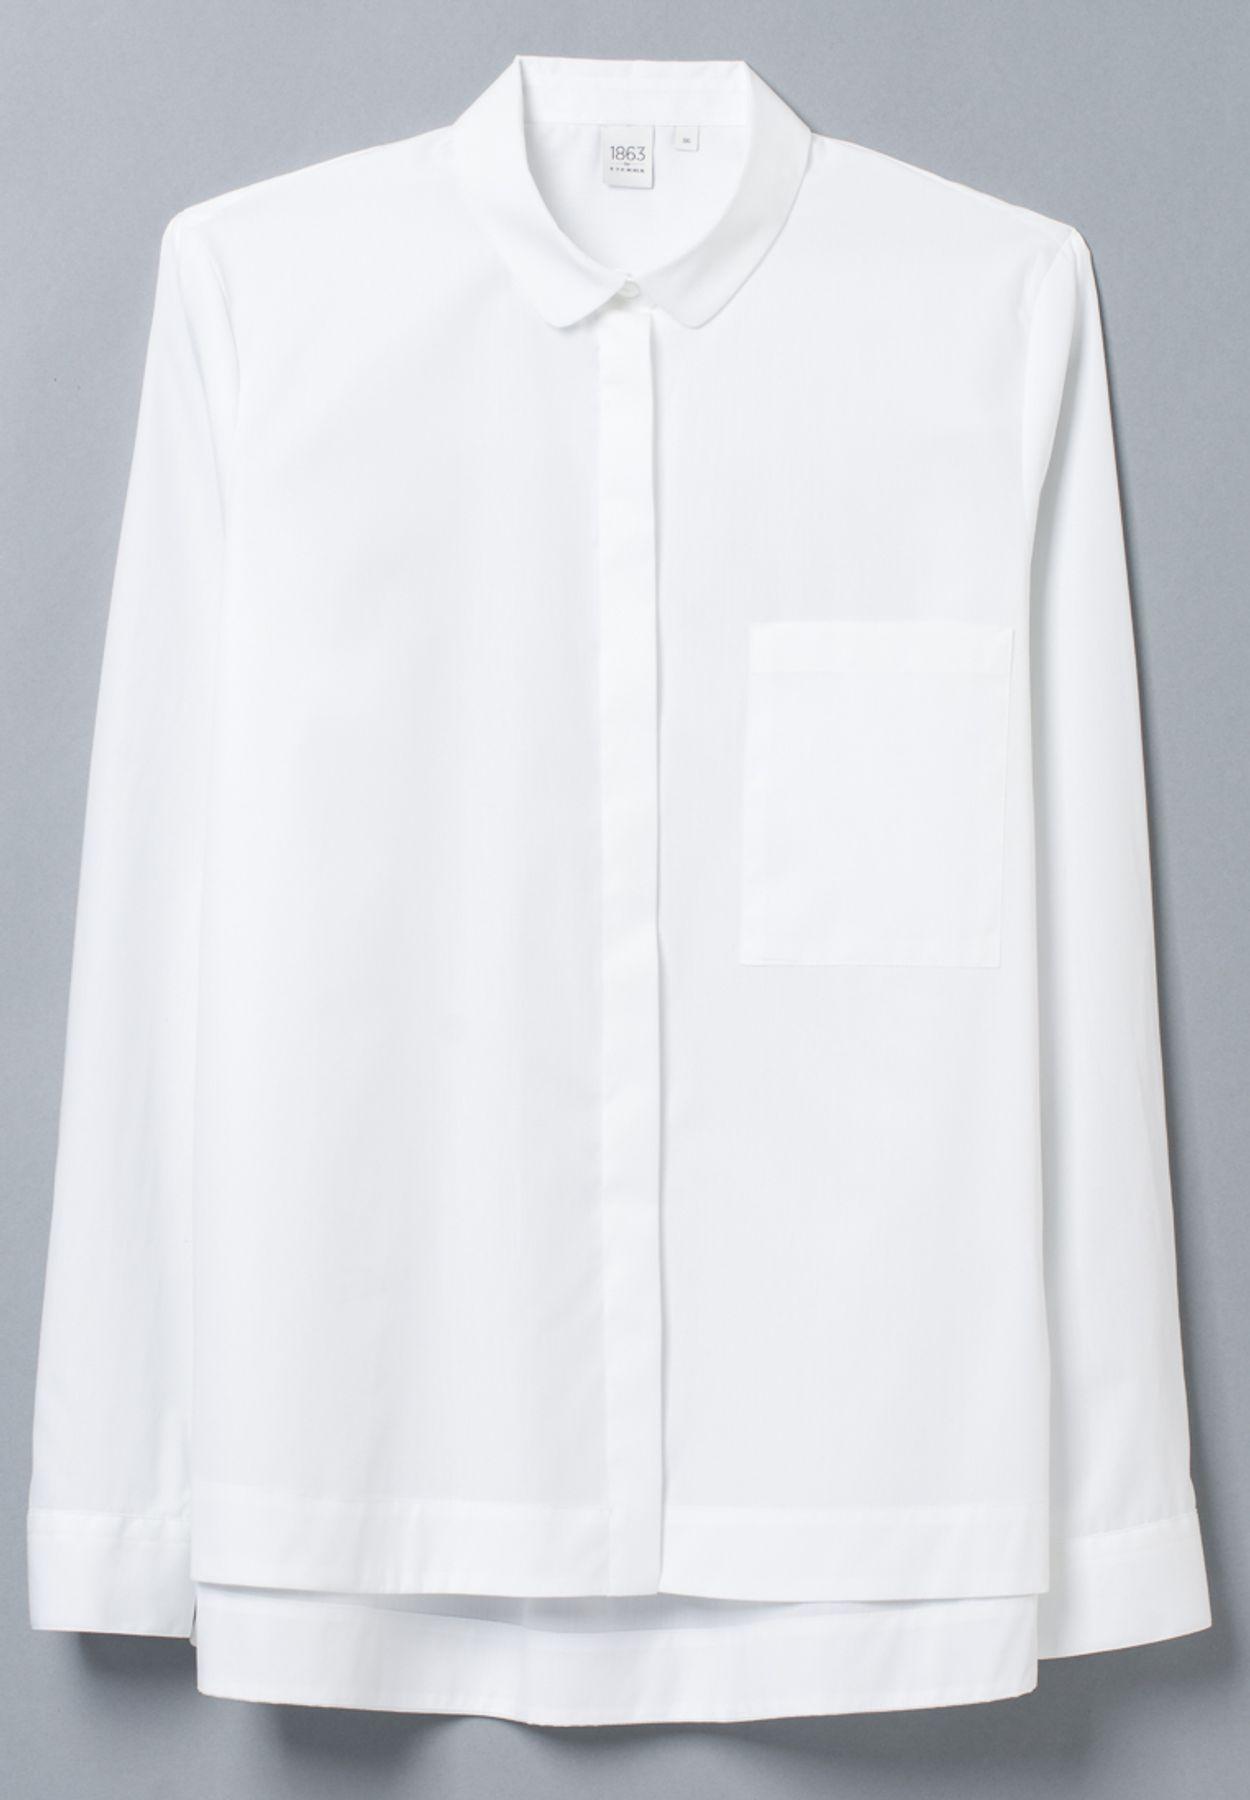 Eterna - Slim Fit - Damen Langarm Bluse in Weiß, Bügelfrei (5003 DY01) – Bild 5